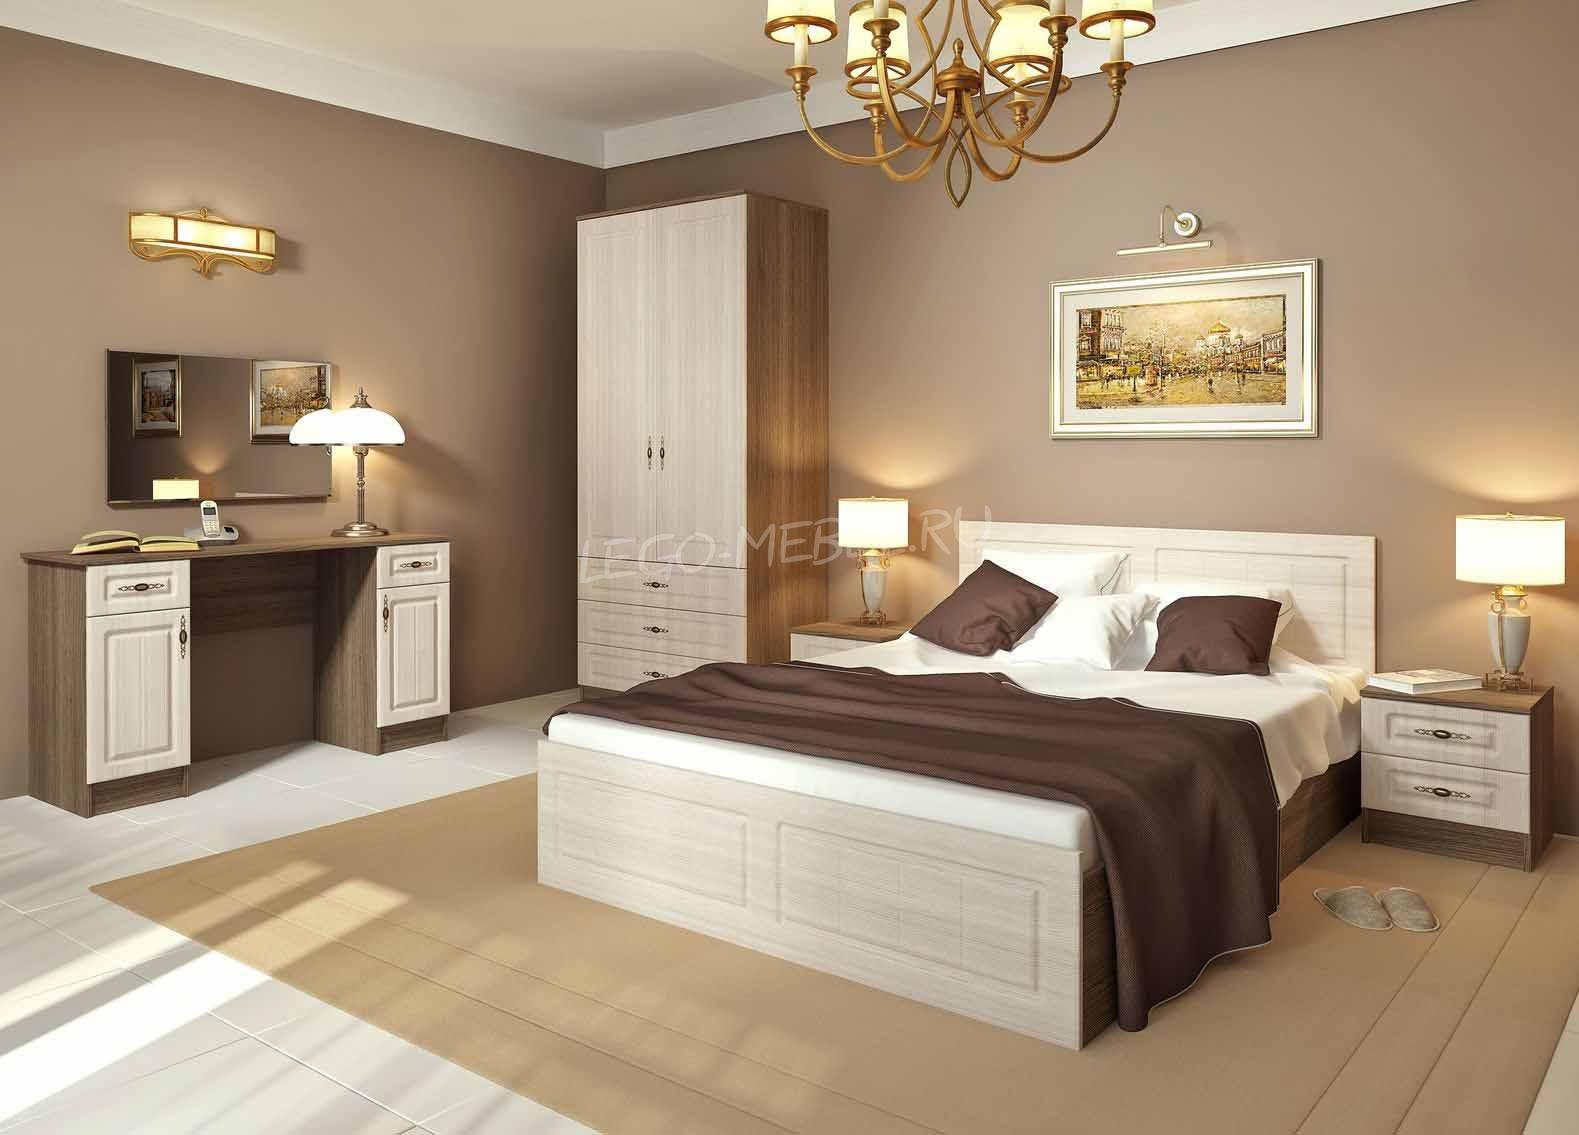 Ницца Спальня 2